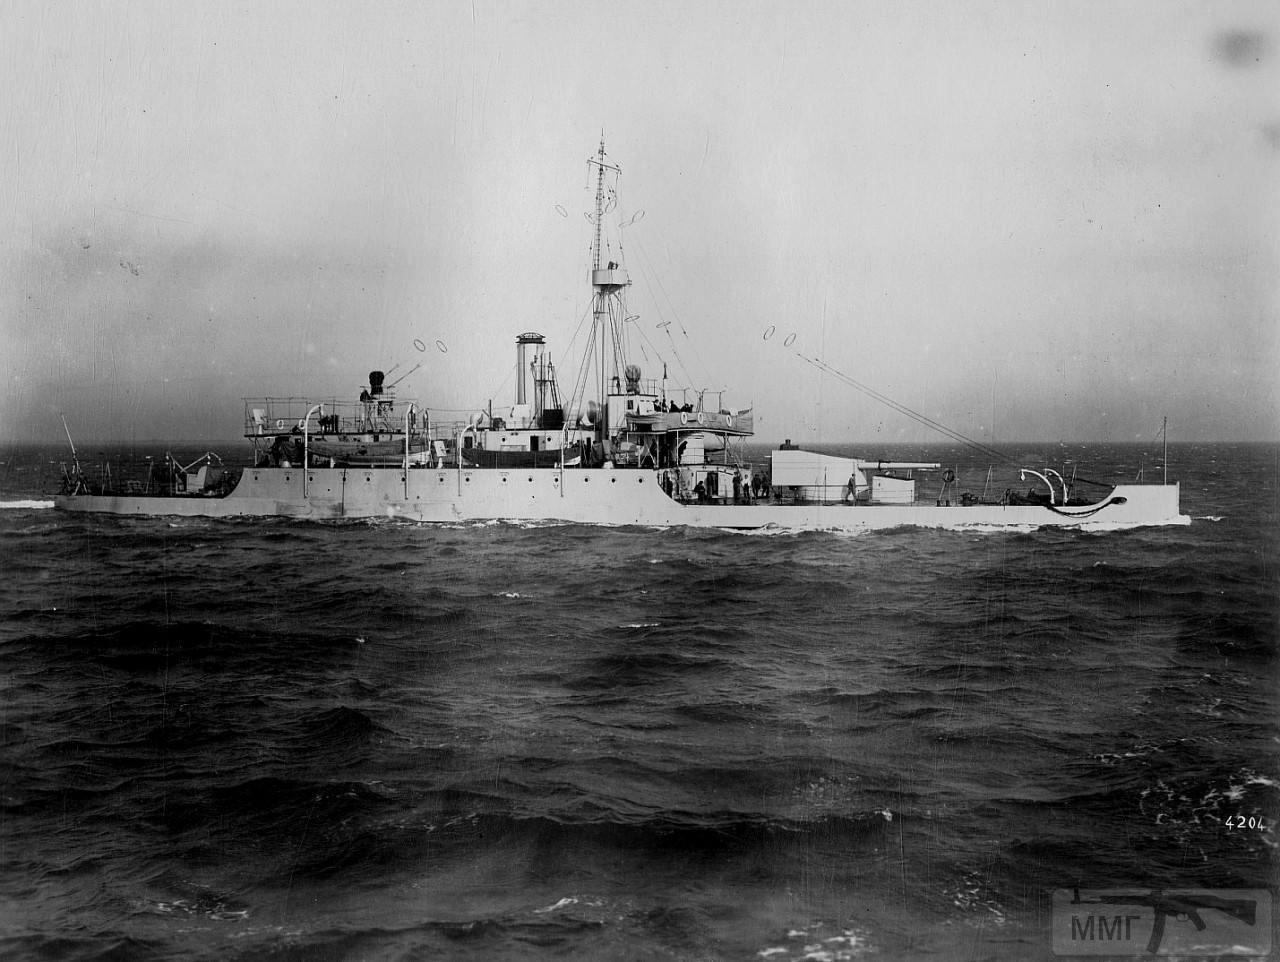 37481 - Монитор HMS Mersey